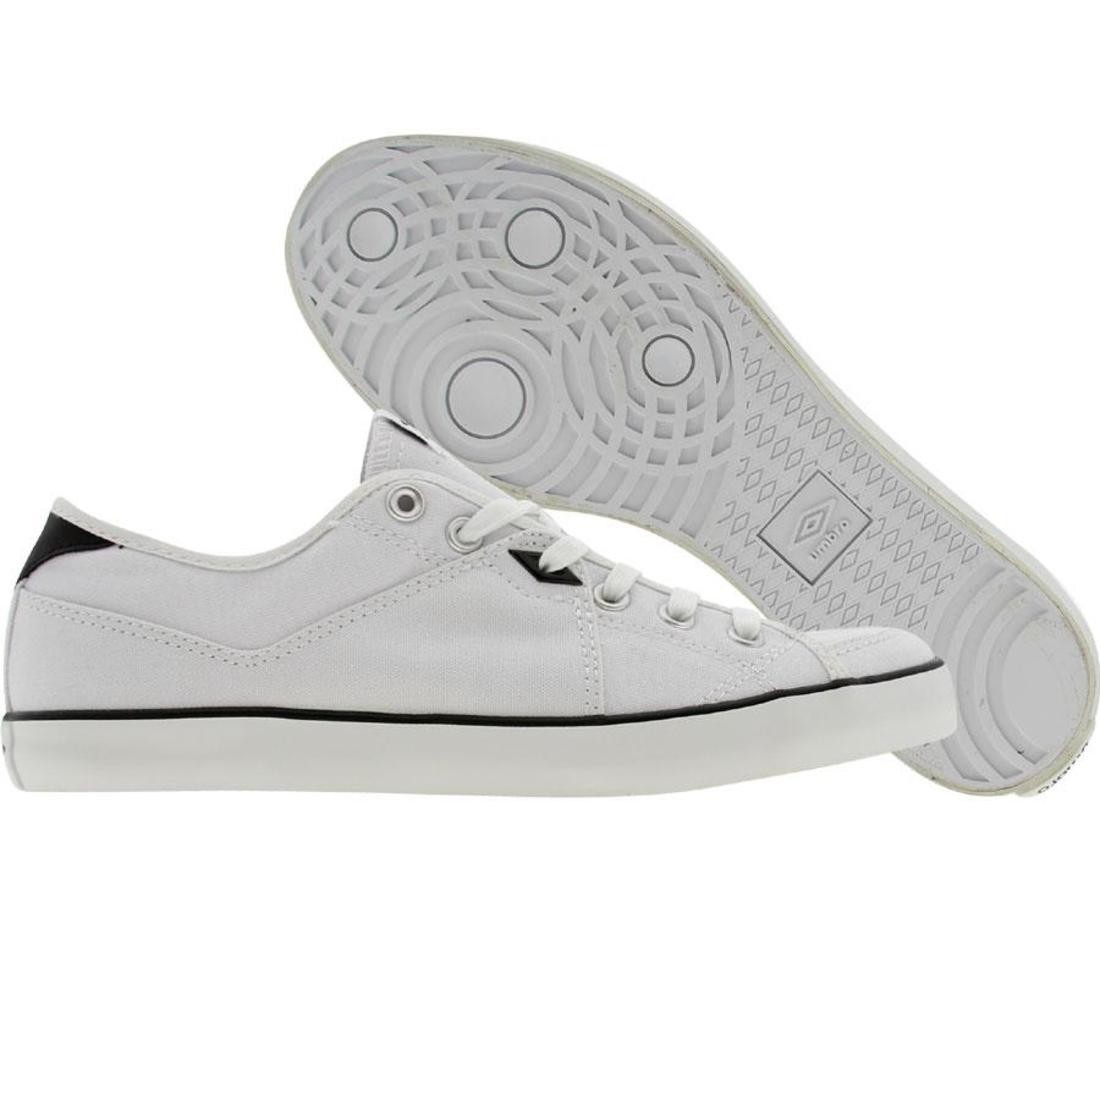 【海外限定】メンズ靴 靴 【 UMBRO MILTON CANVASA WHITE 】